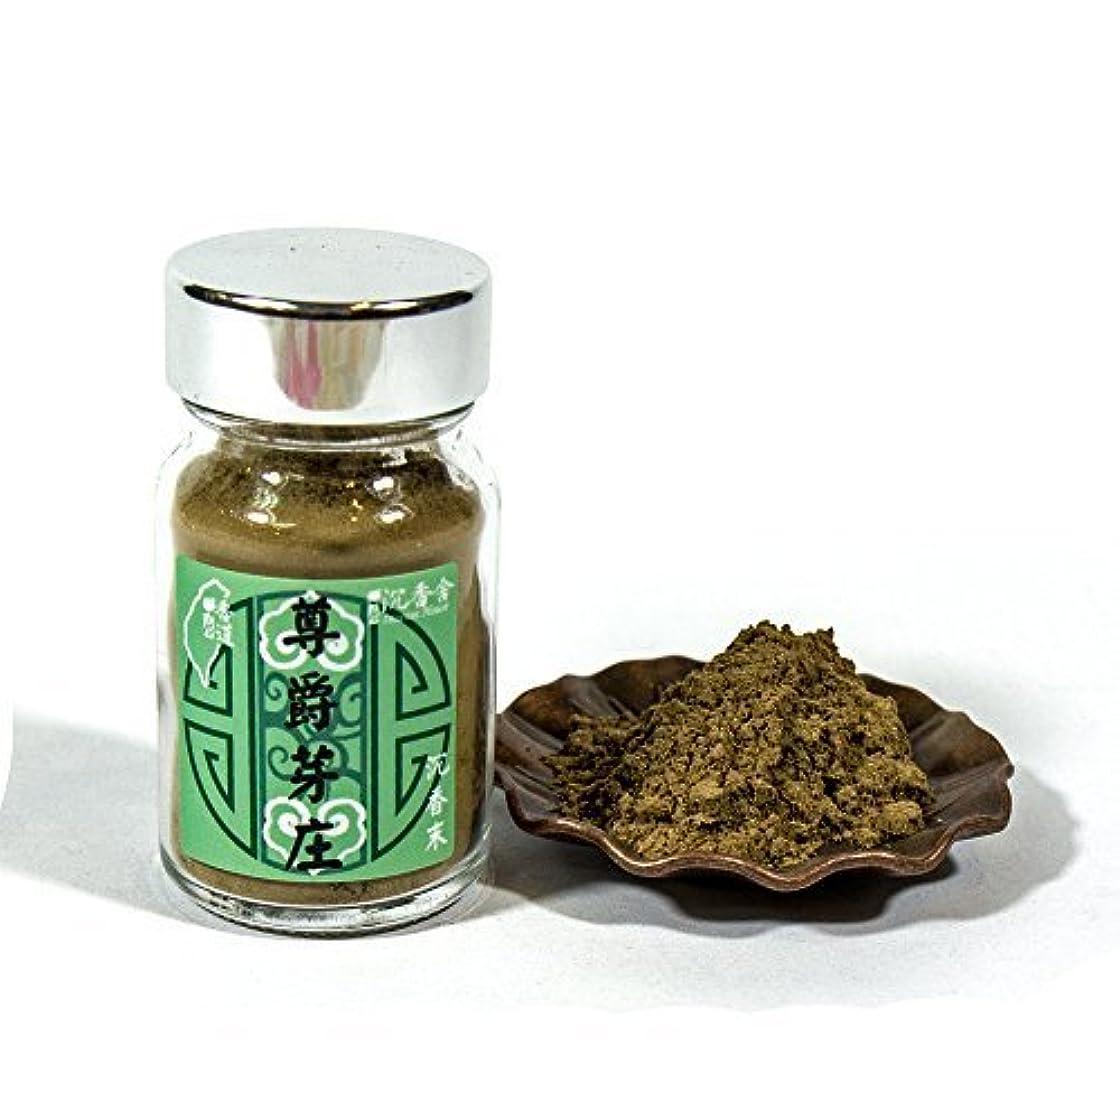 爬虫類大いに教育学Agarwood Aloeswood Top Grade Old Stock NhaTrang Chen Xiang Incense Powder 10g by IncenseHouse - Raw Material [並行輸入品]